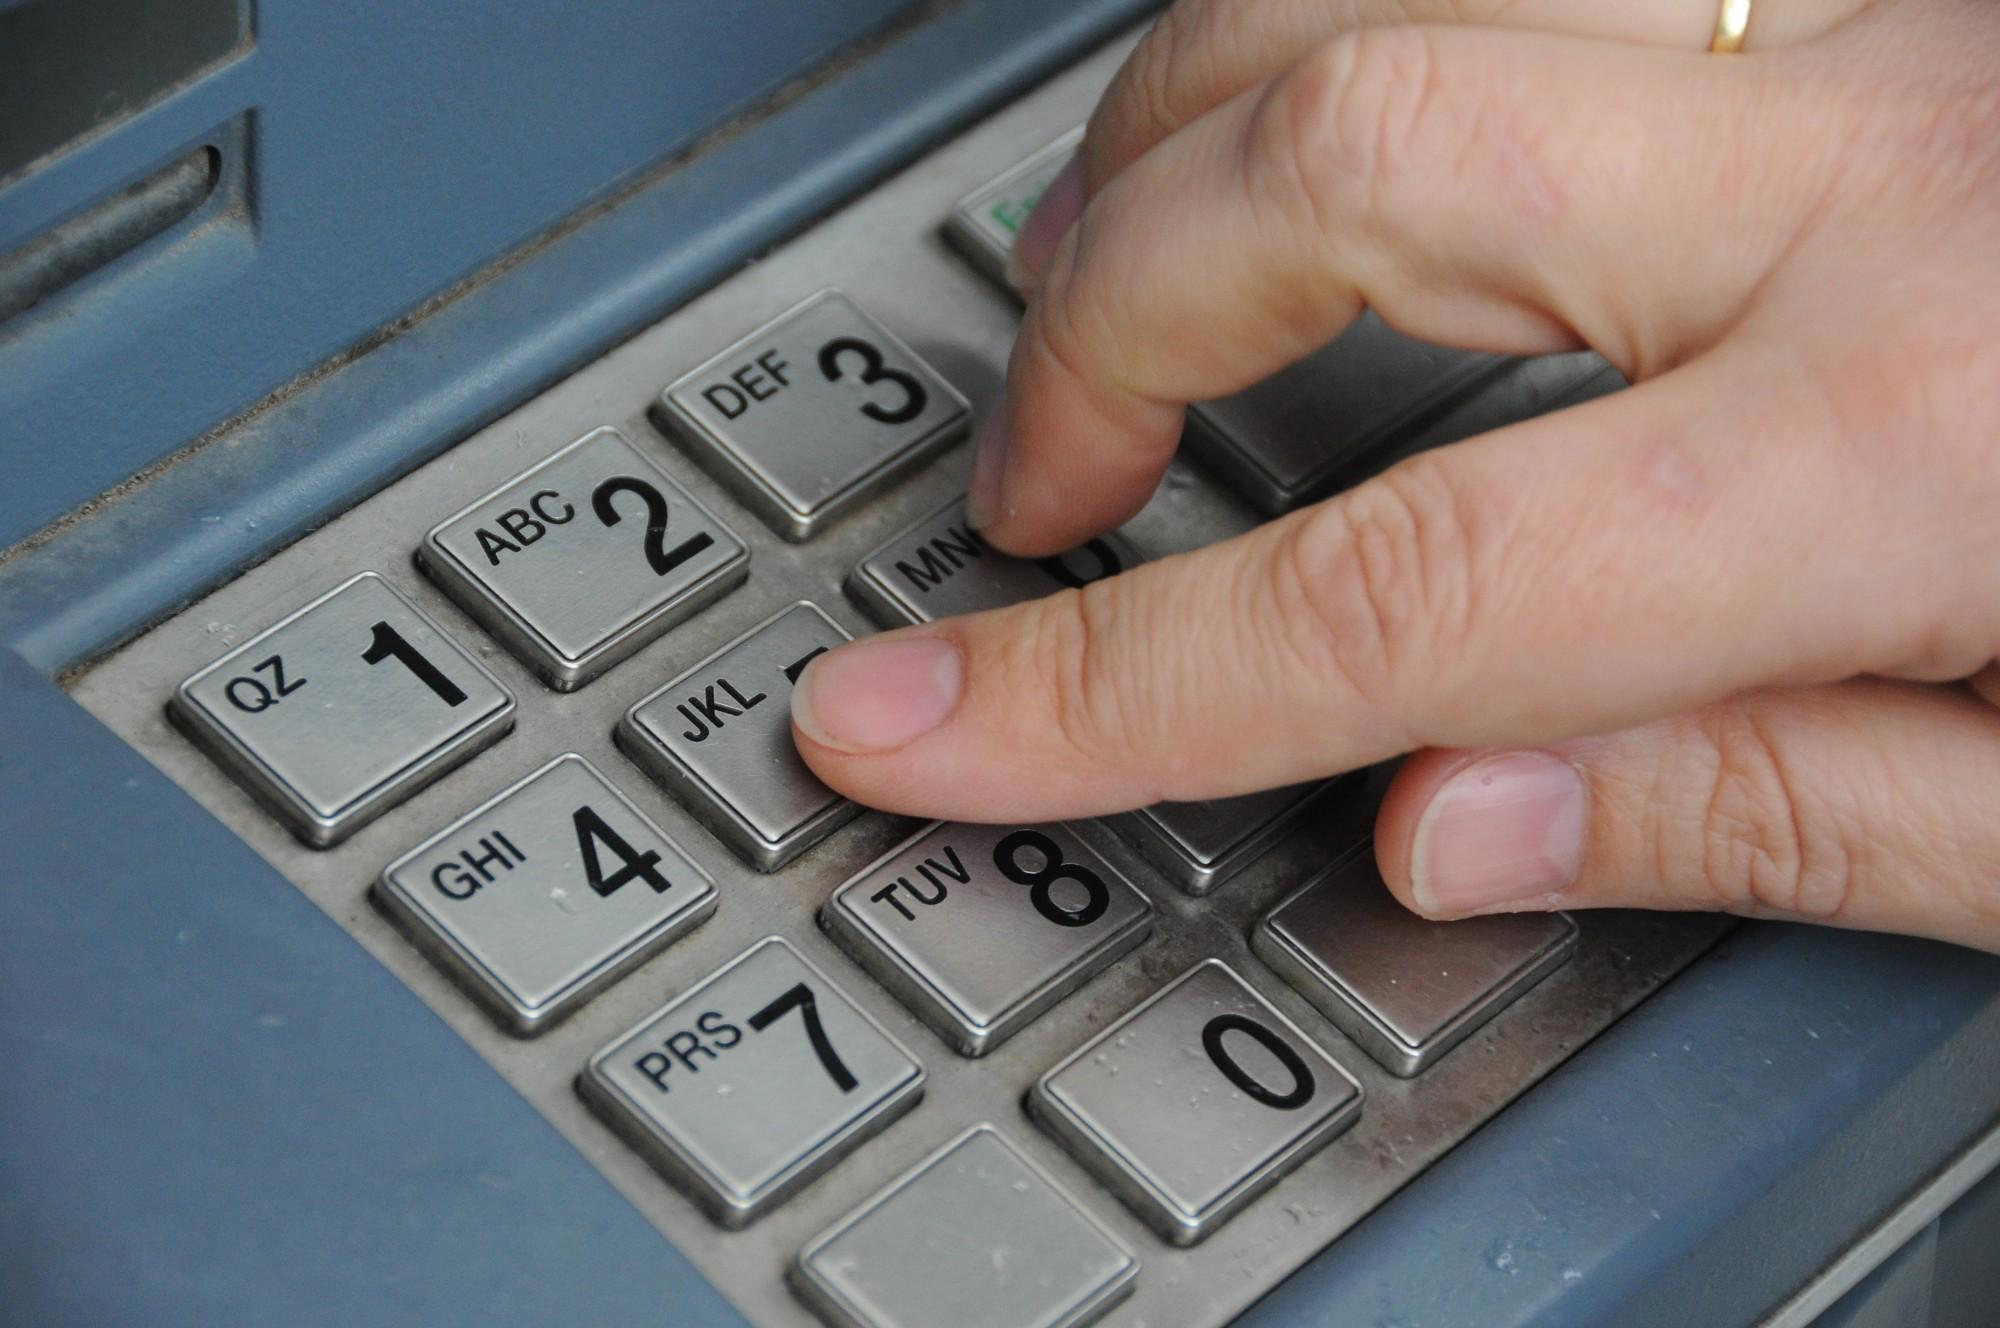 Государственная полиция завершила расследование в уголовном процессе о незаконном использовании банковской карты